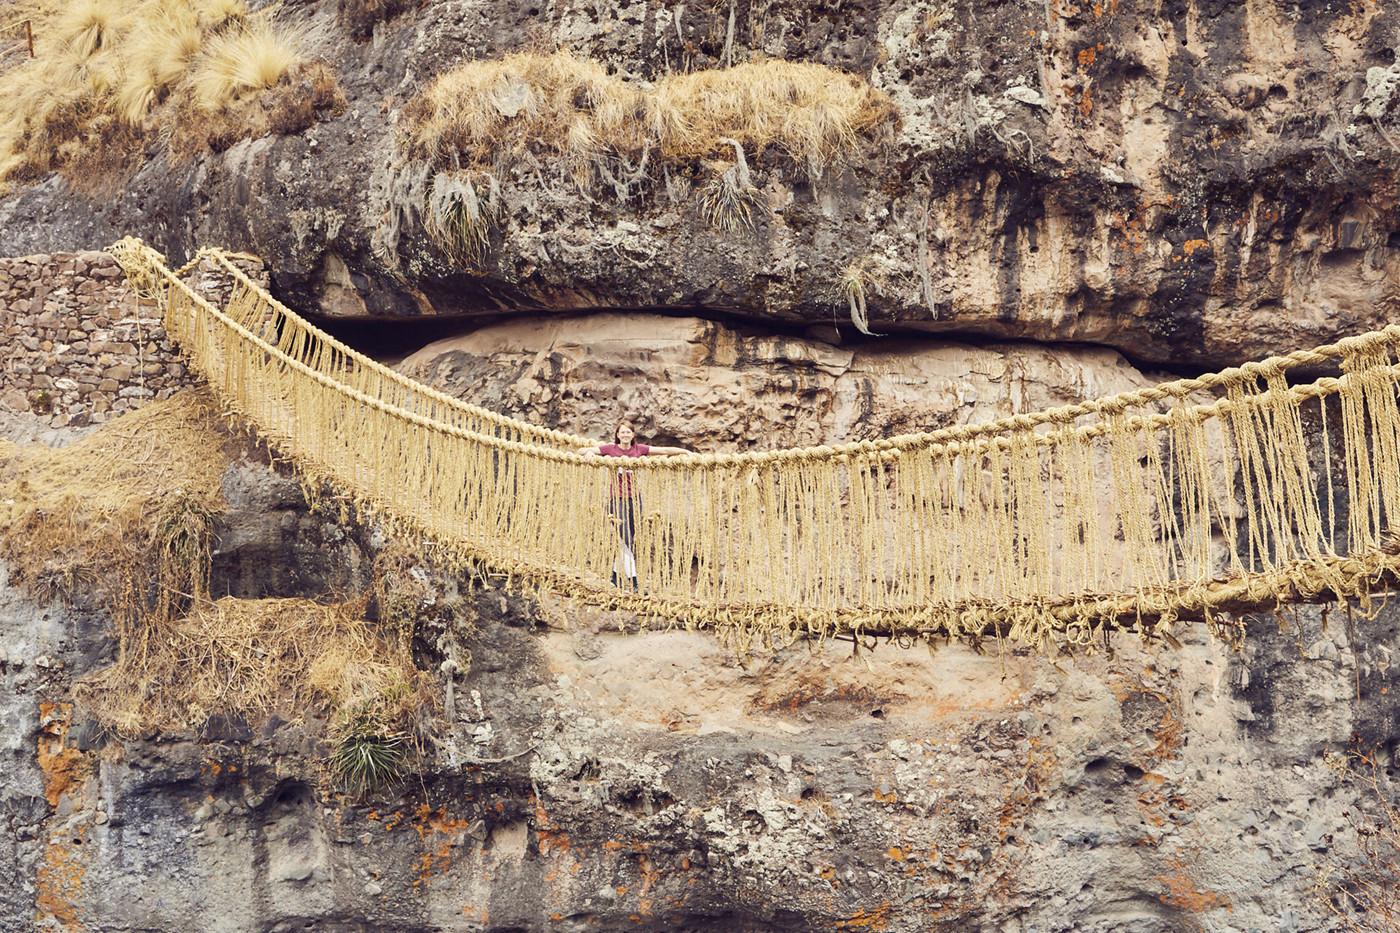 Christina beim Überqueren des Q'eswachaka Rope Bridge in Peru - über die Grasbrücke zu laufen war ein tolles Erlebnis